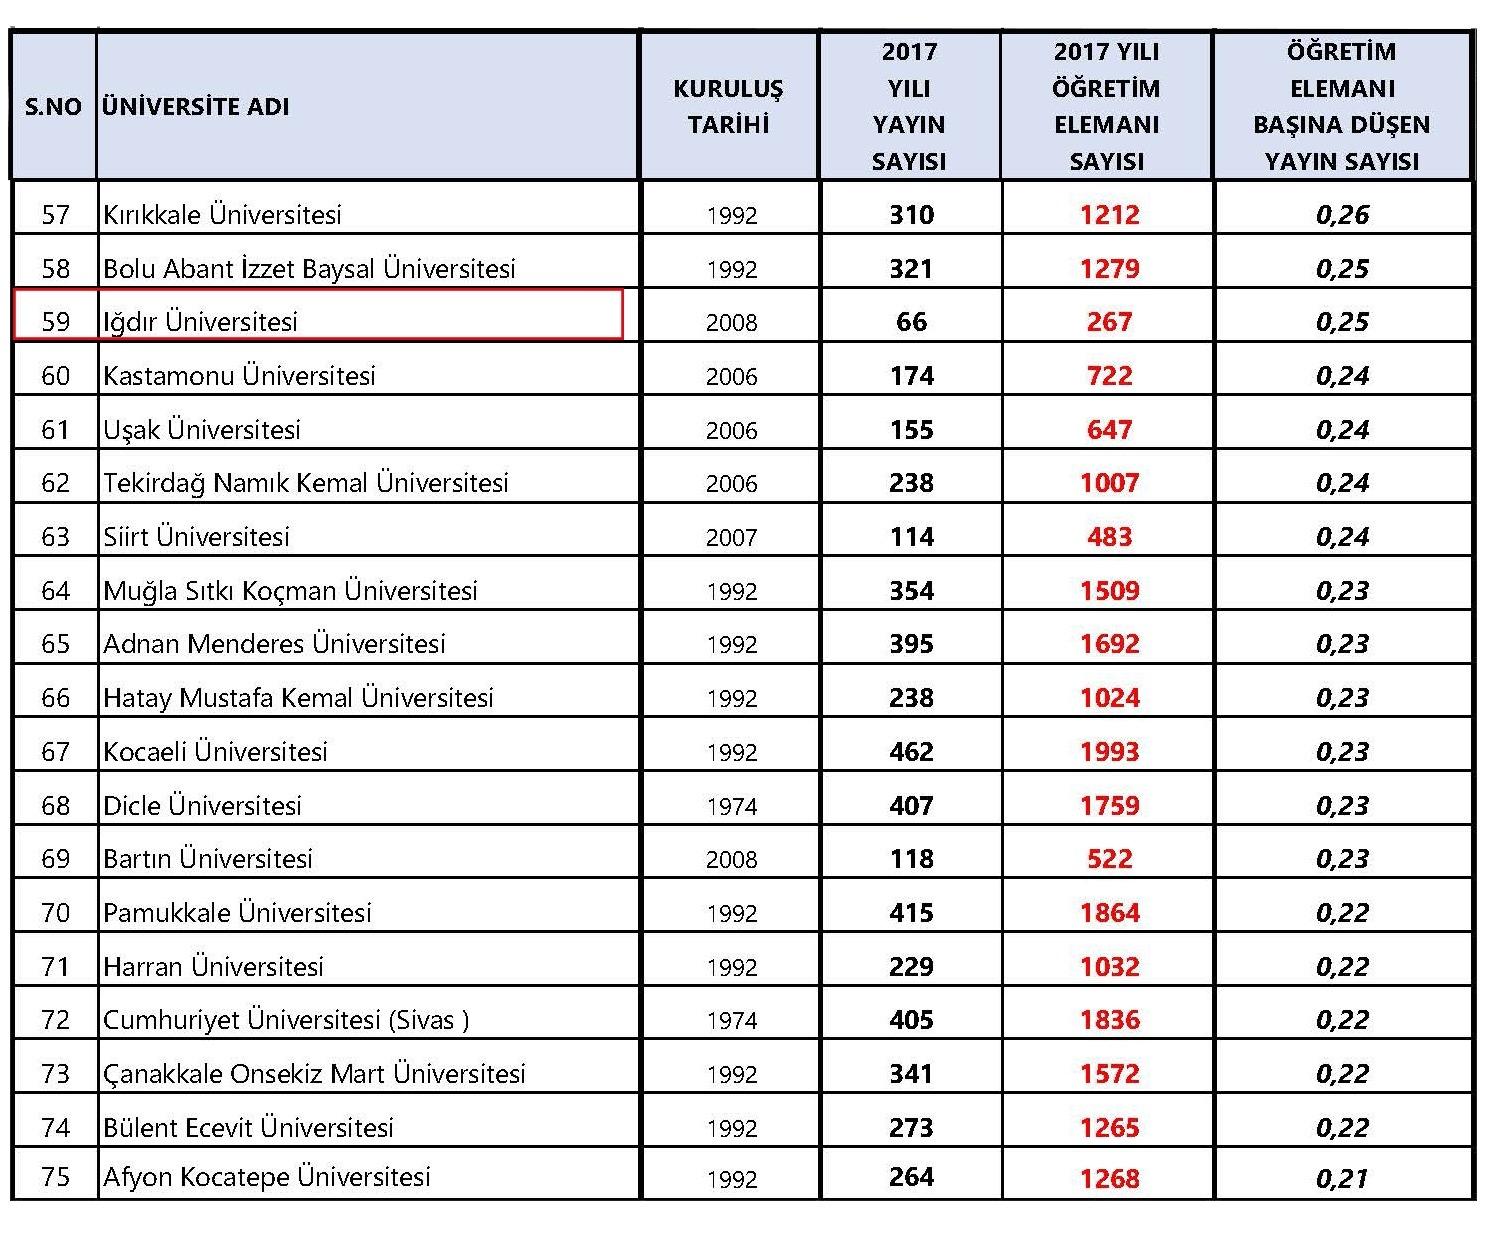 Uluslararası Akademik Yayın Sıralamasında Üniversitemiz 31 Basamak Yükseldi